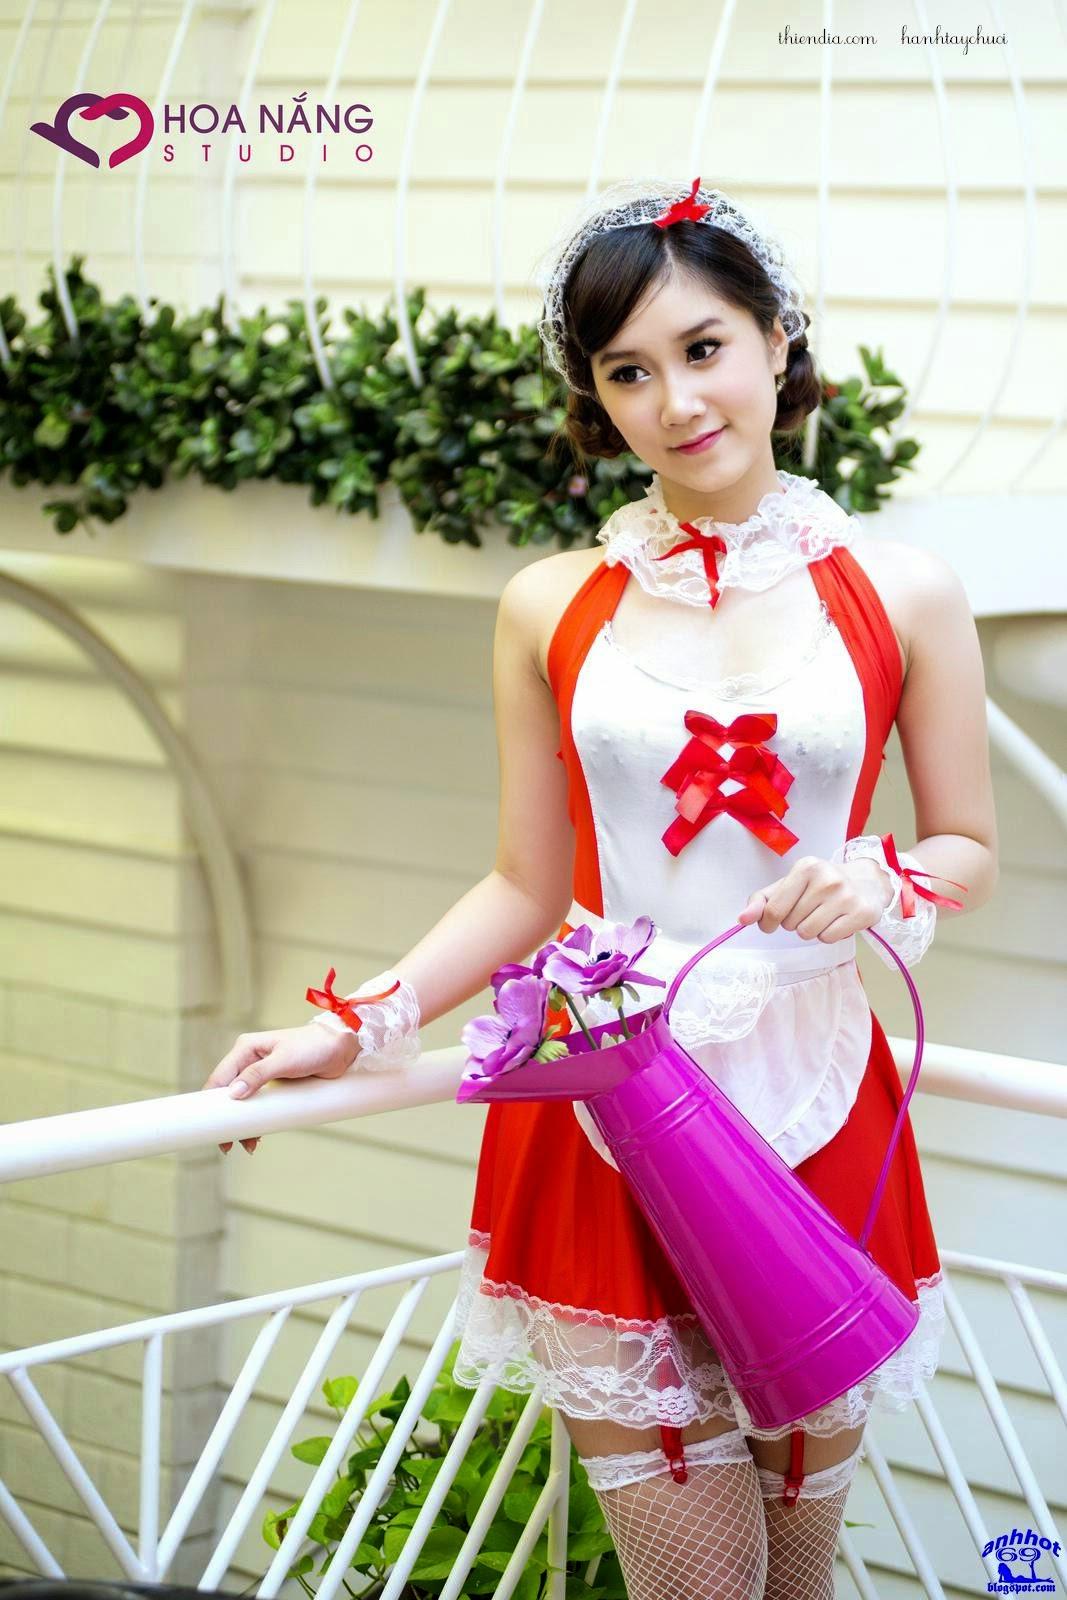 hau_ban_cute_8885564754_9eb1d643b3